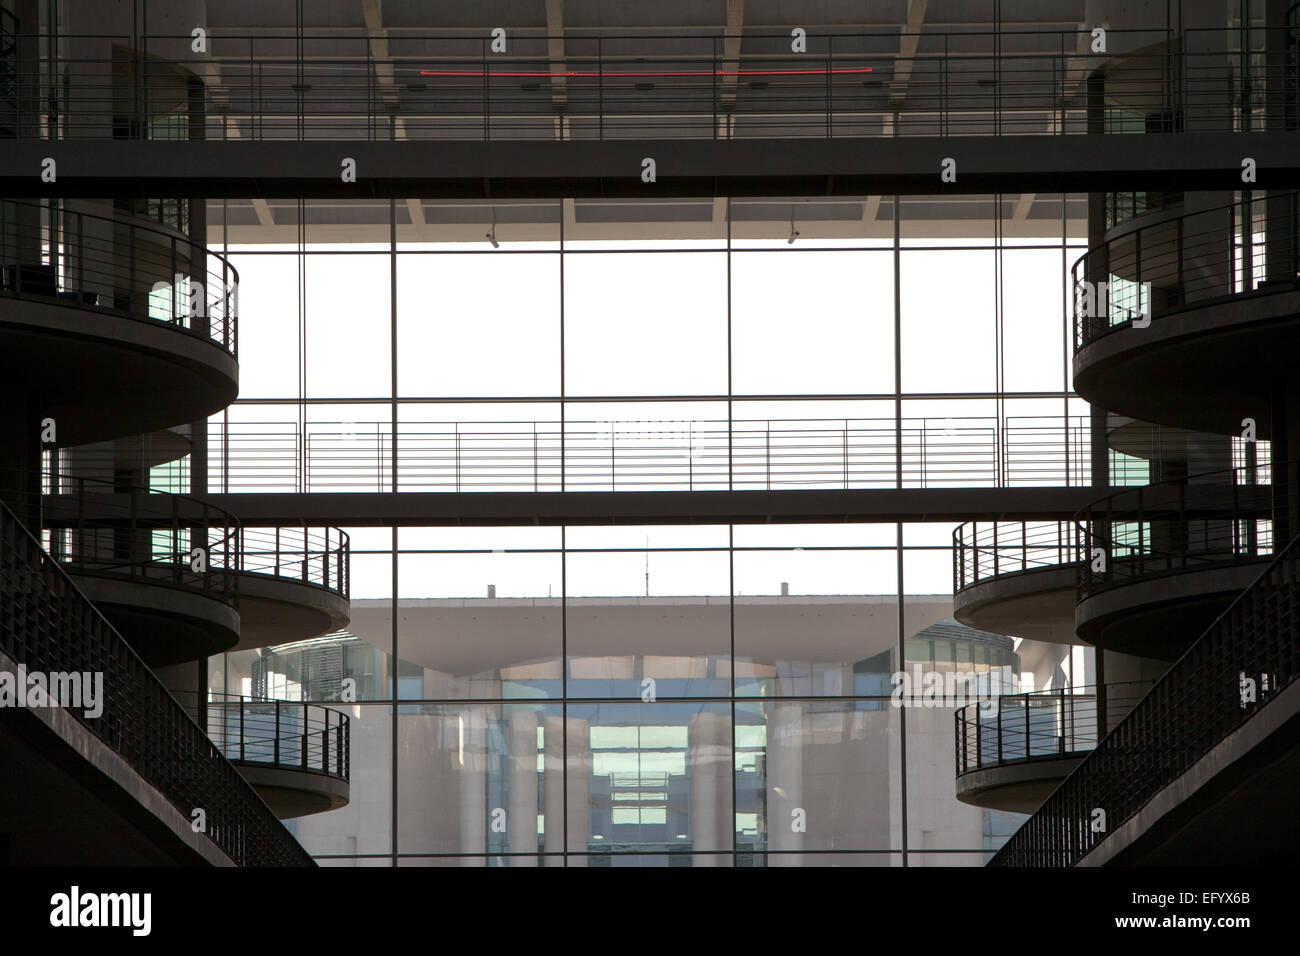 Interieur Architektur Schuss der deutschen Regierung Gebäude Paul-Loebe-Haus, das Kanzleramt, Foto: 10. September Stockbild